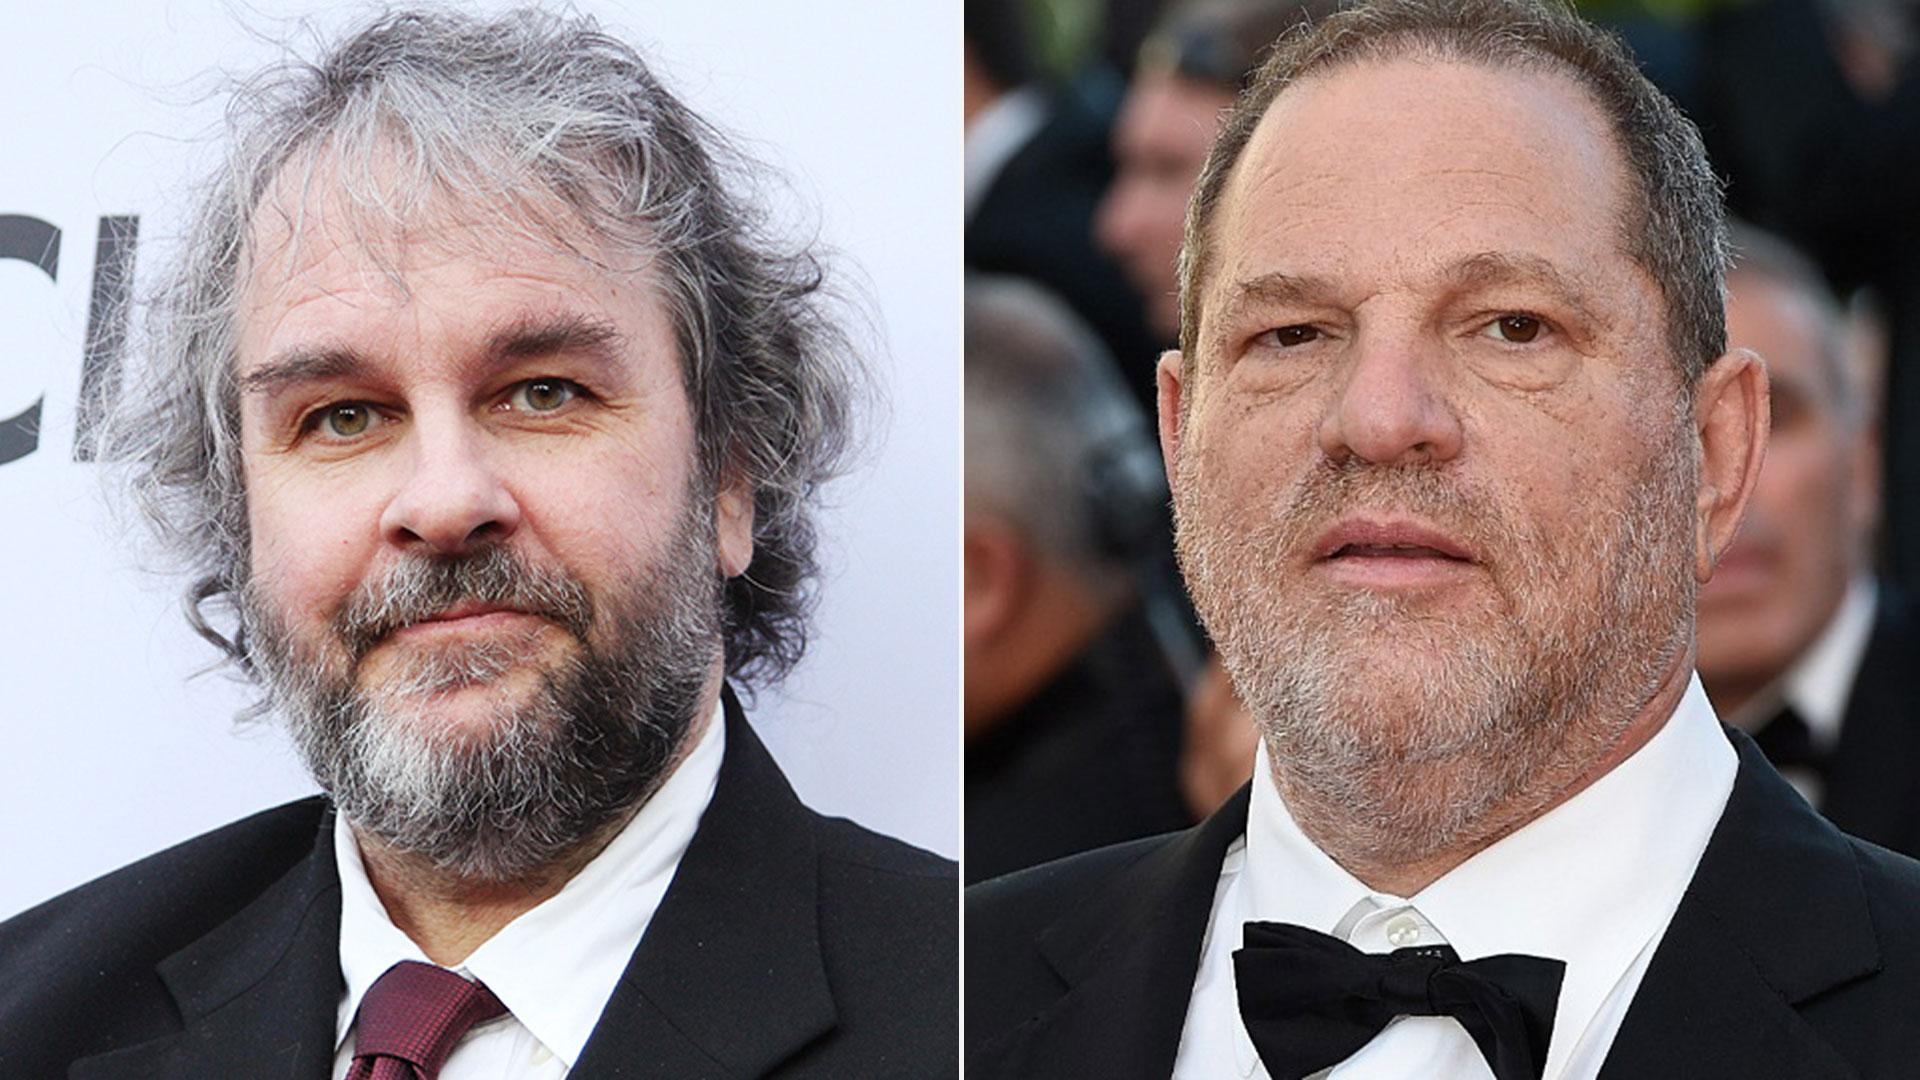 El director Peter Jackson y el productor Harvey Weinstein